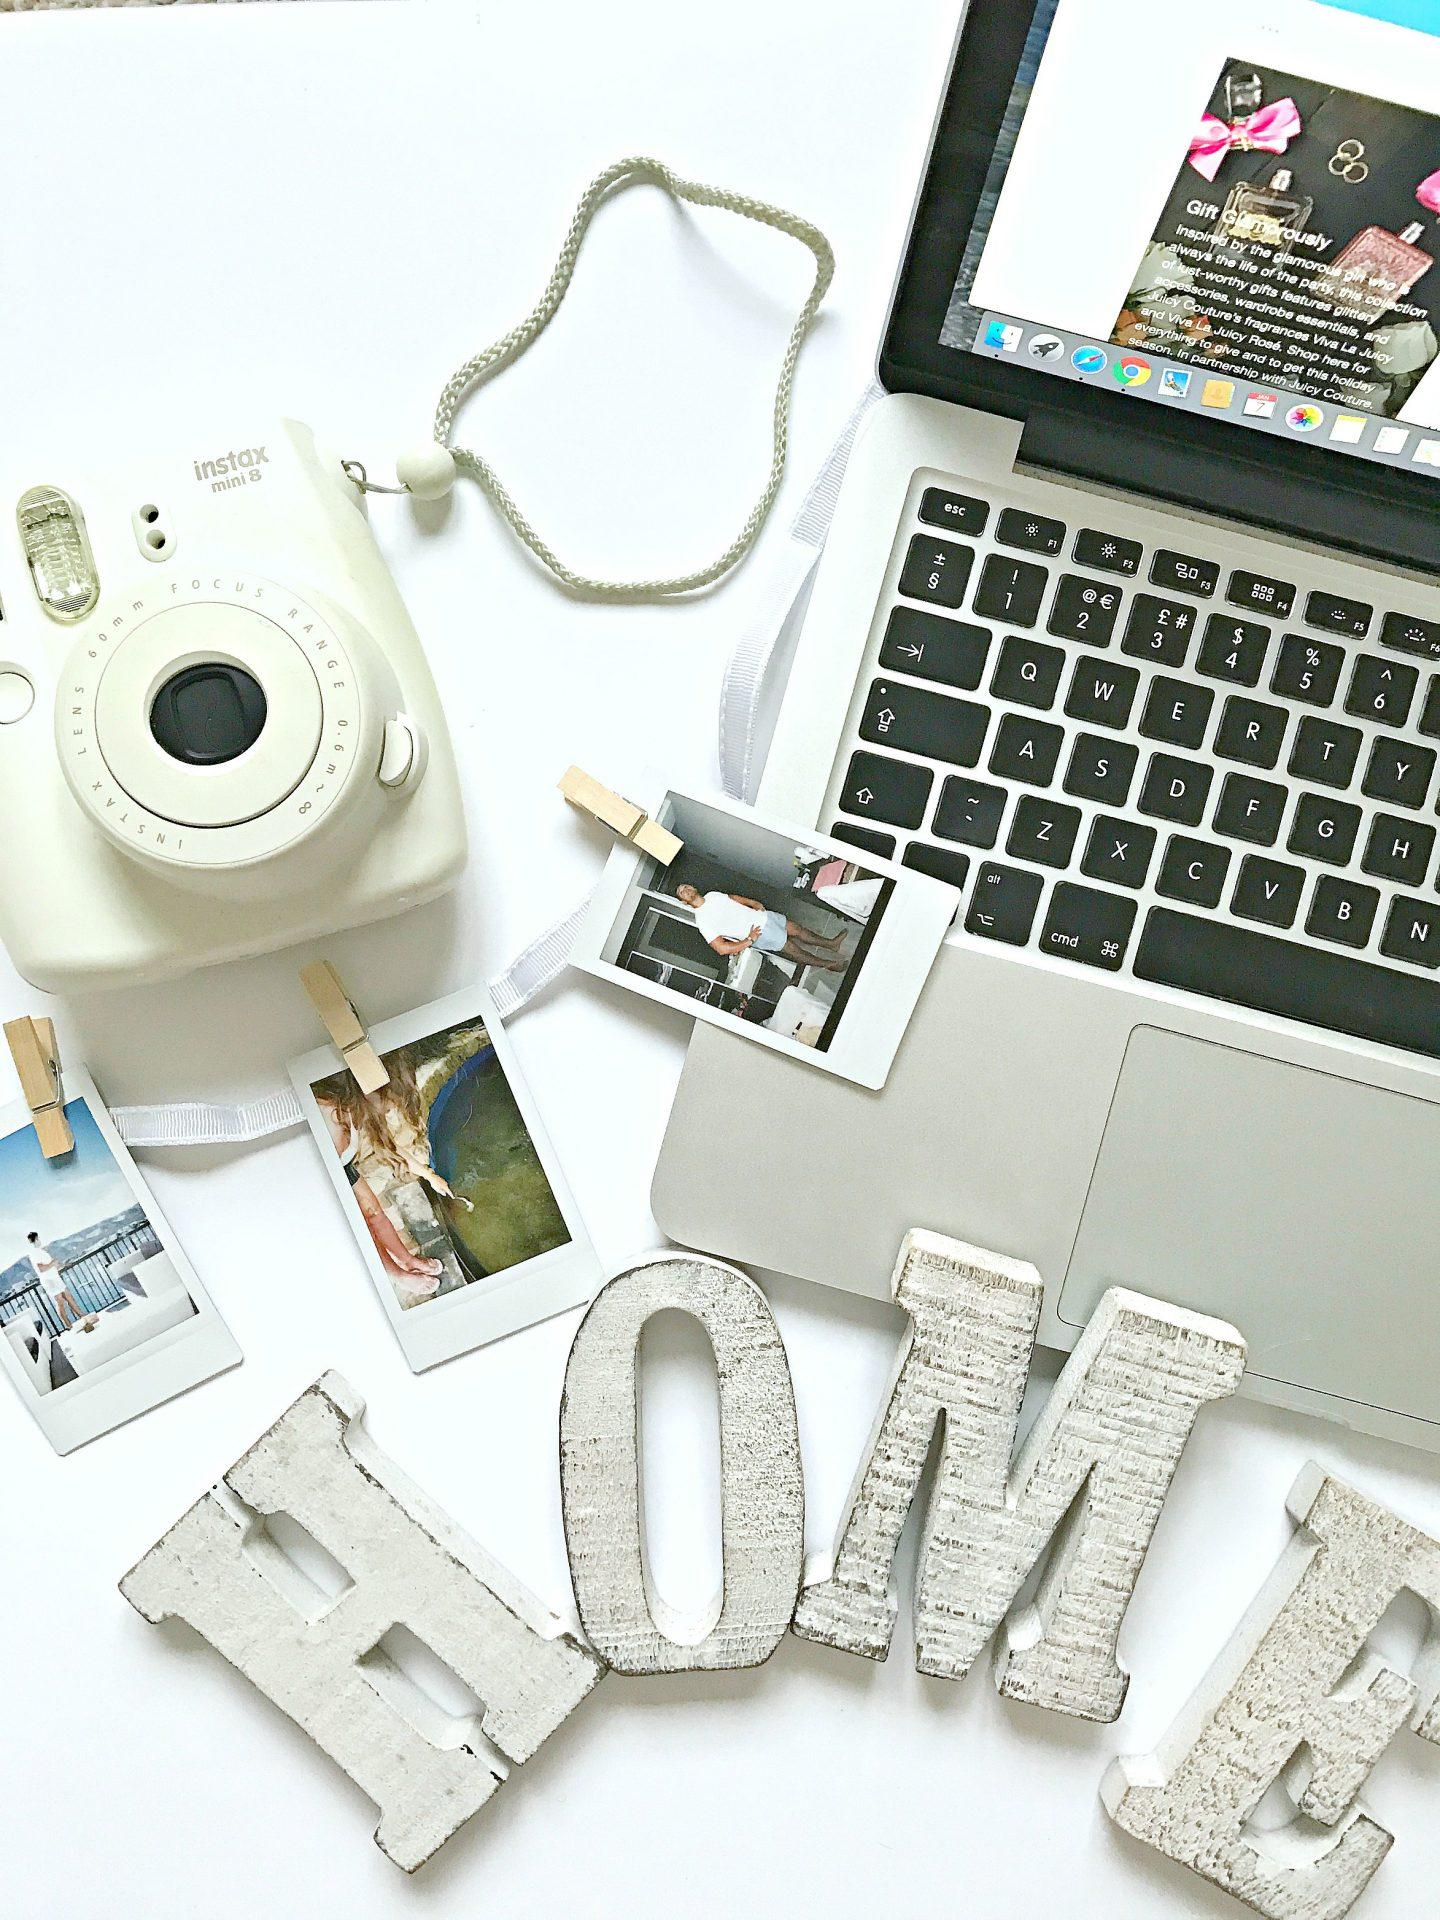 Juggling blogging, work and relationships. The struggle